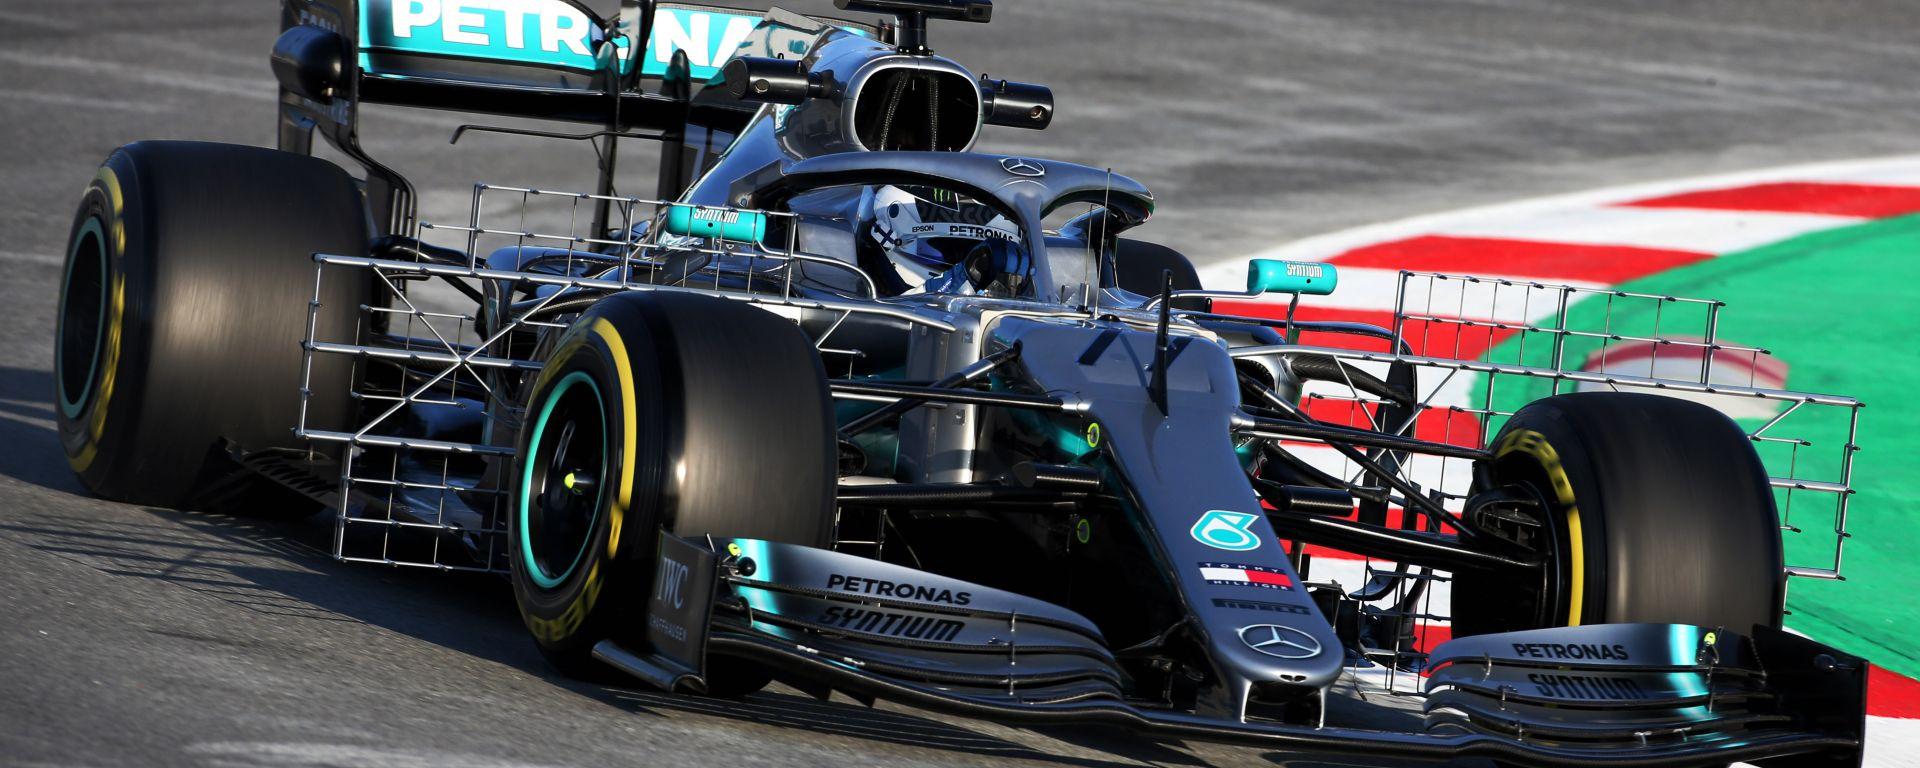 Mercedes svela il motivo dell'esordio sottotono nei test invernali